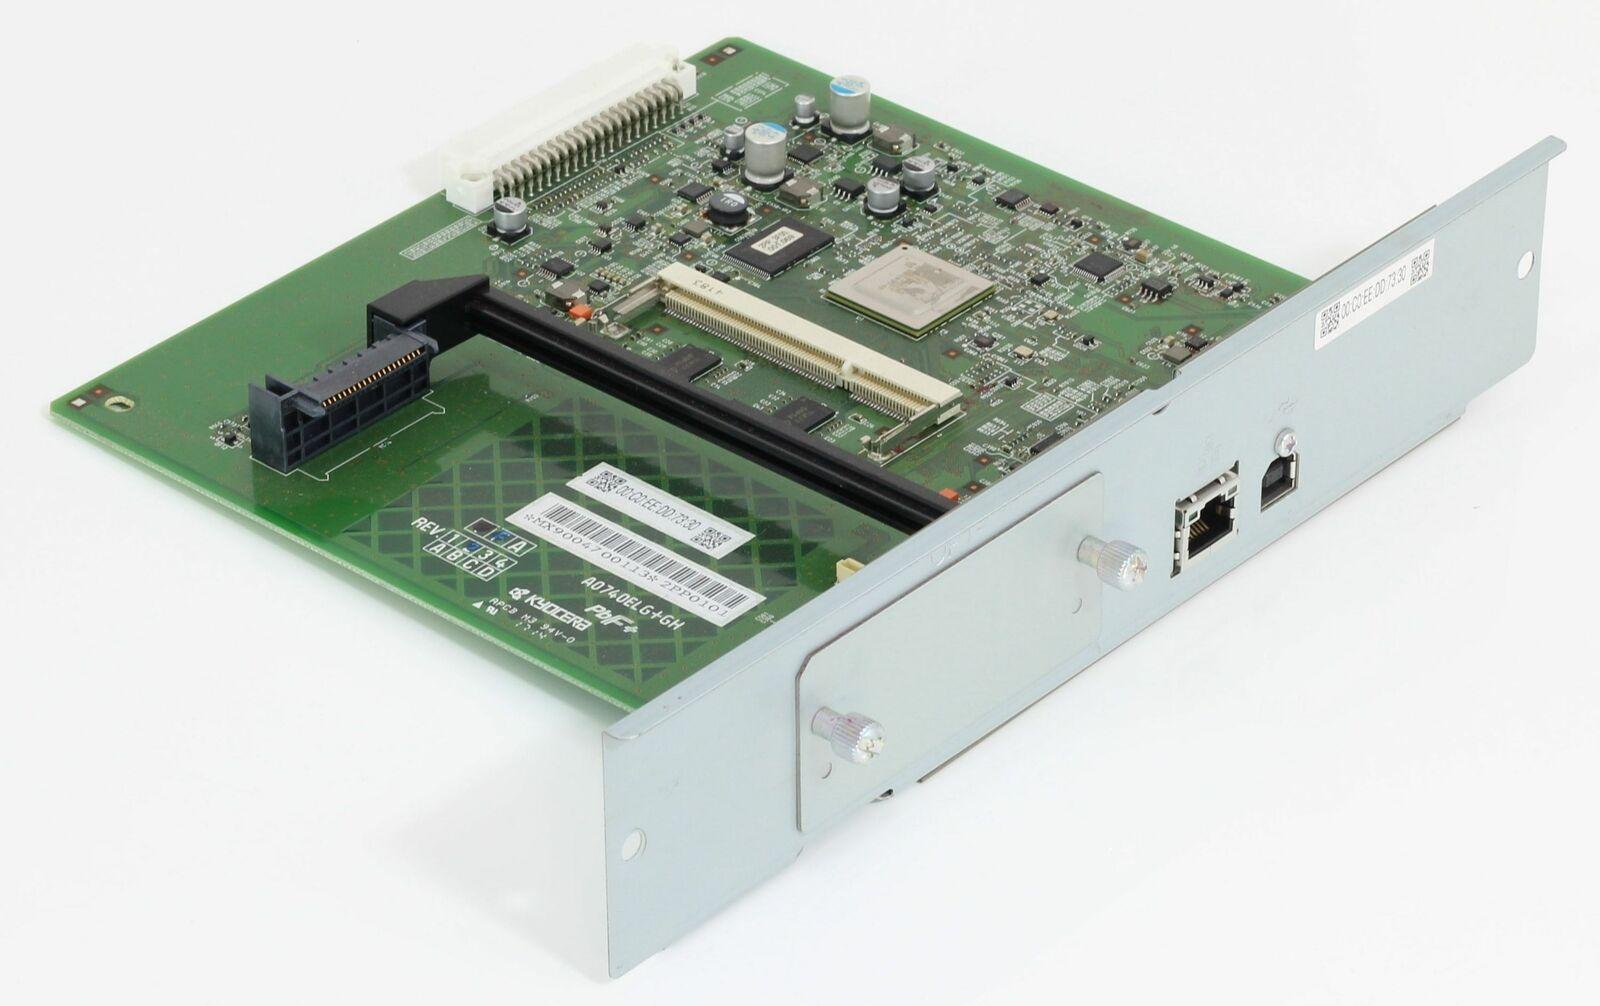 Kyocera formatteur 2pp0101 conseil pour imprimante Écosystèmes p6030cdn utilisé